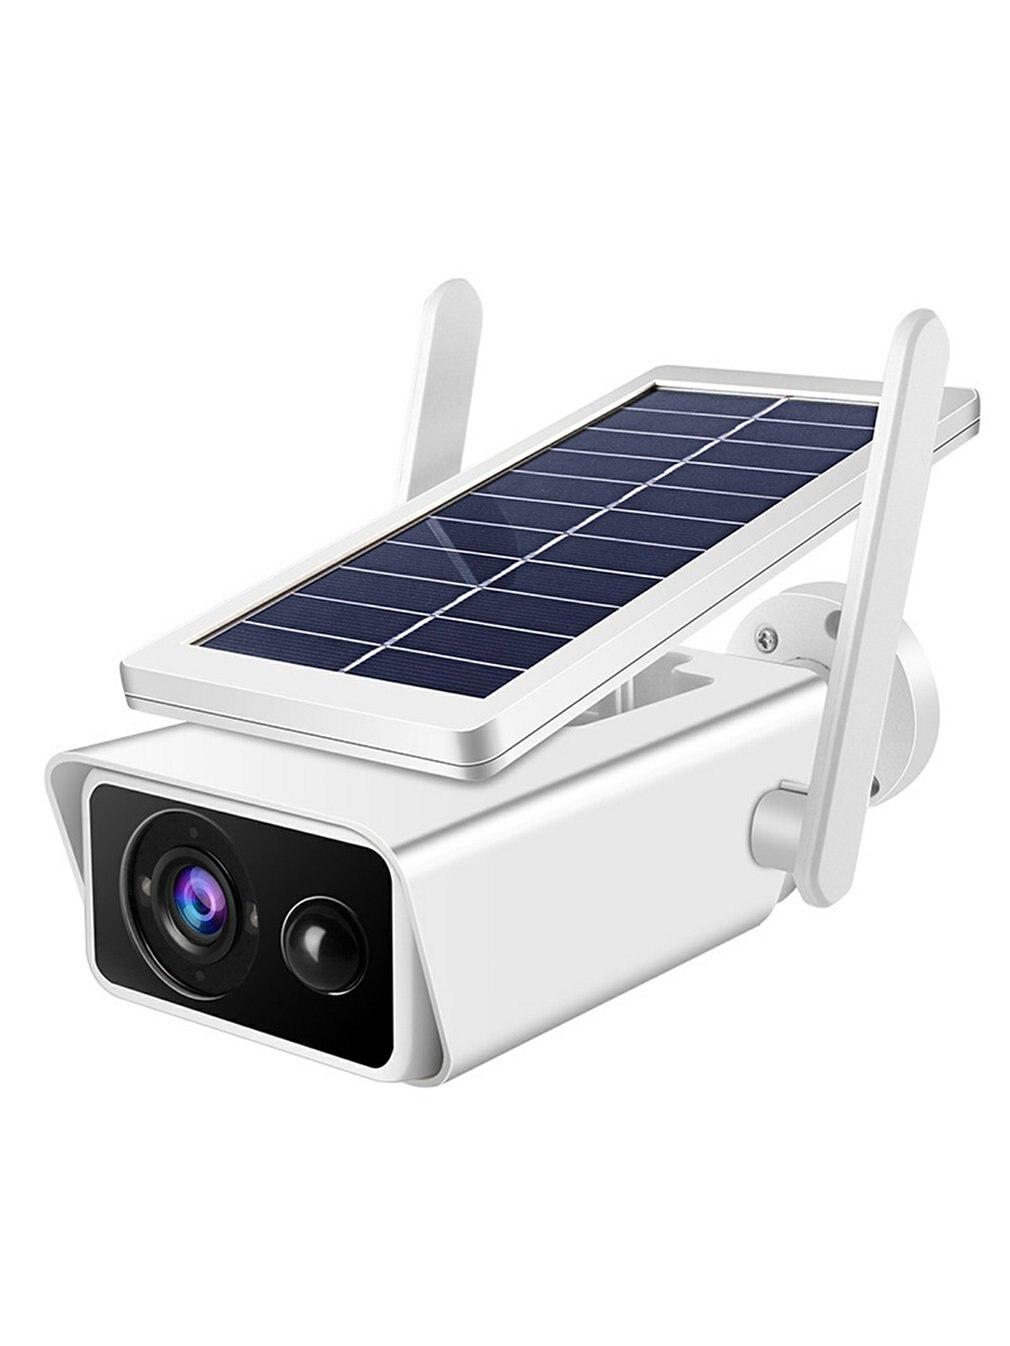 كاميرا الطاقة الشمسية مزرعة كاميرا مراقبة لاسلكية مقاوم للماء في الهواء الطلق عالية الوضوح جهاز تحكم عن بعد للهاتف المحمول